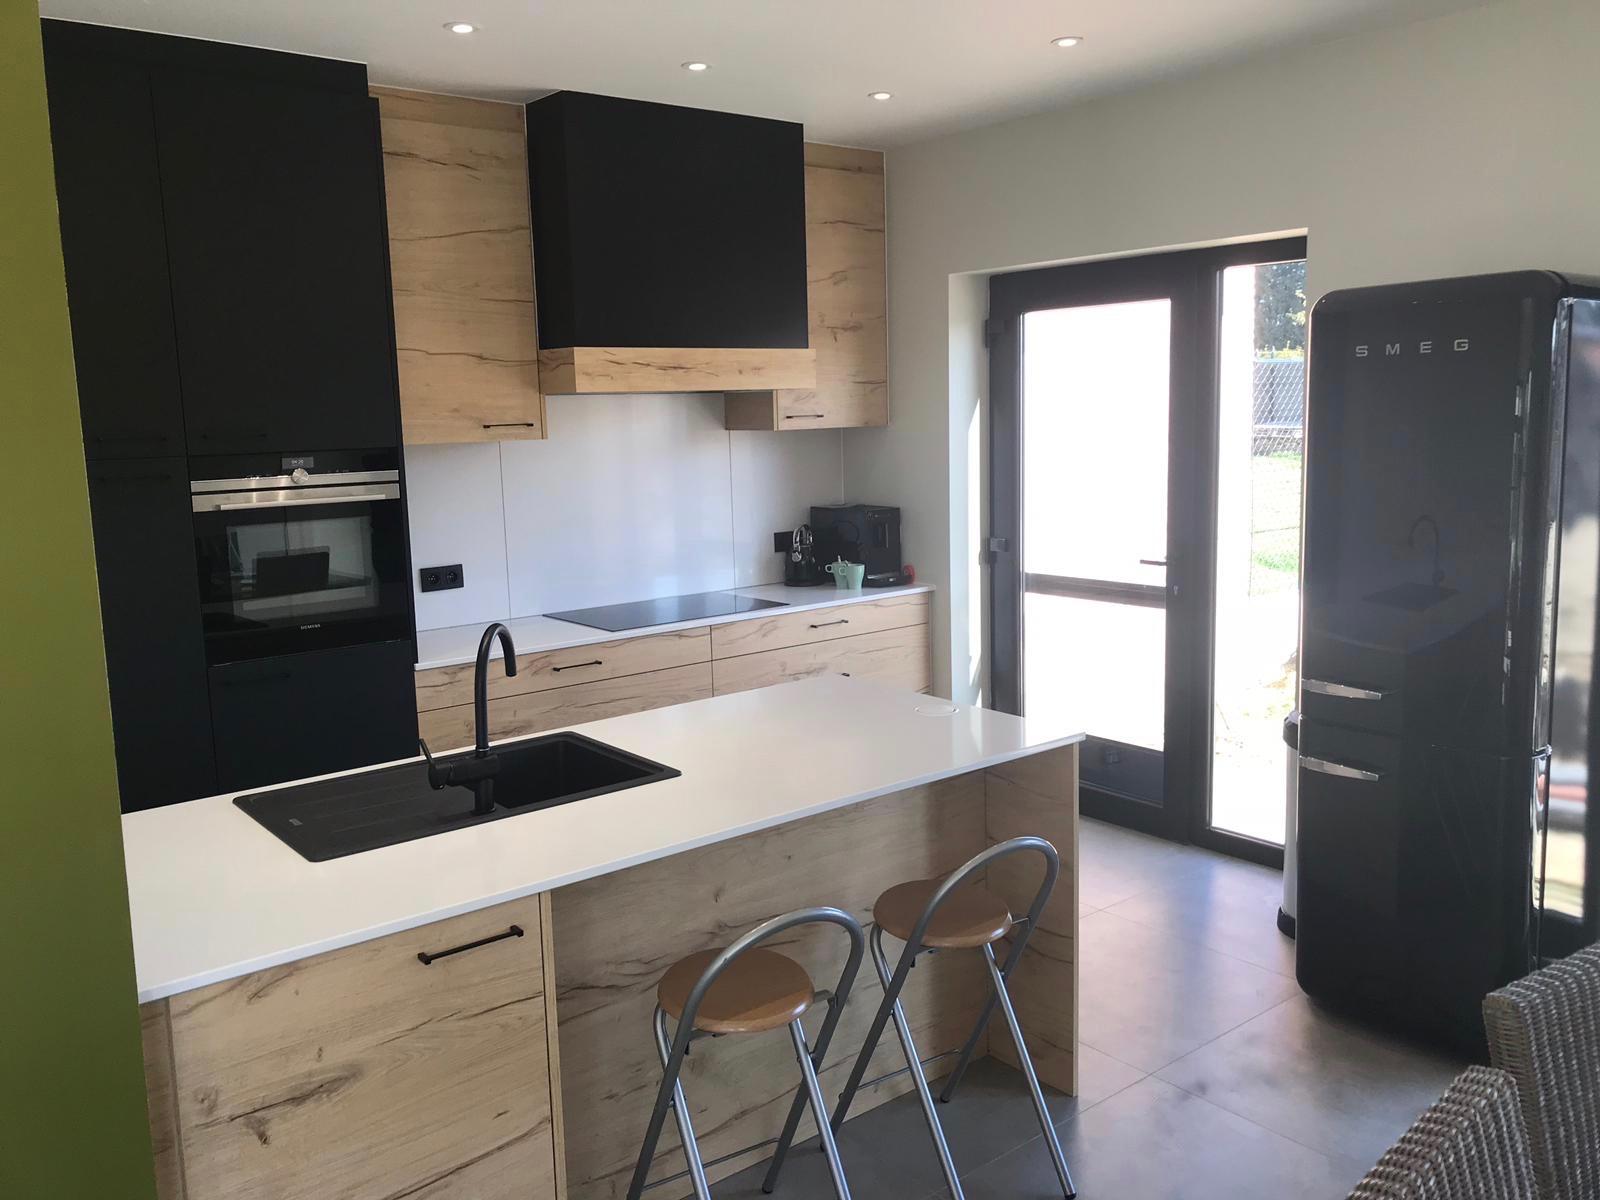 1 Keuken in zwarte laminaat gecombineerd met deuren in houtstructuur